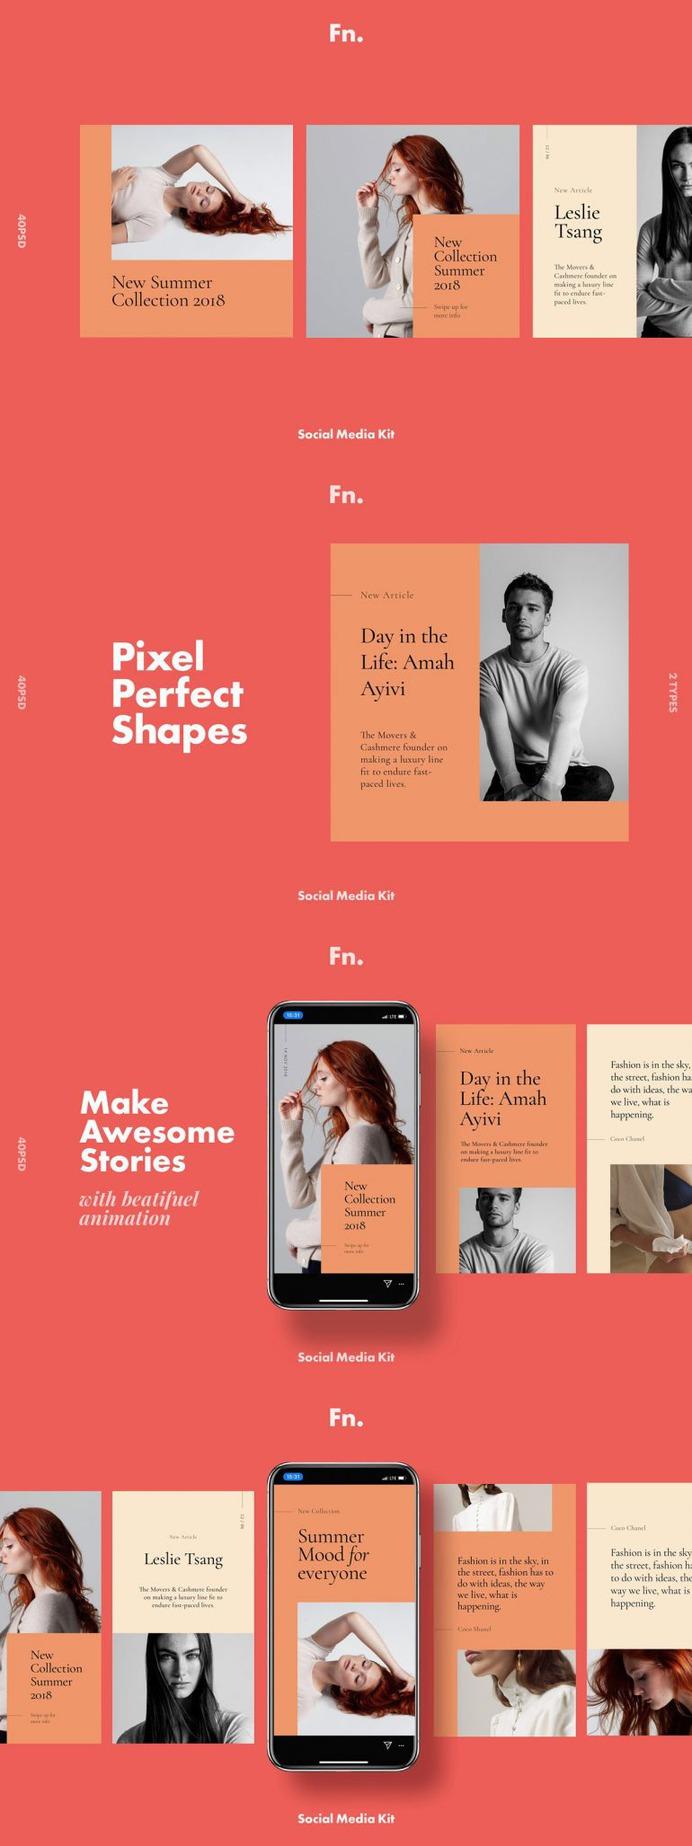 FN – Social Media Kit for Instagram